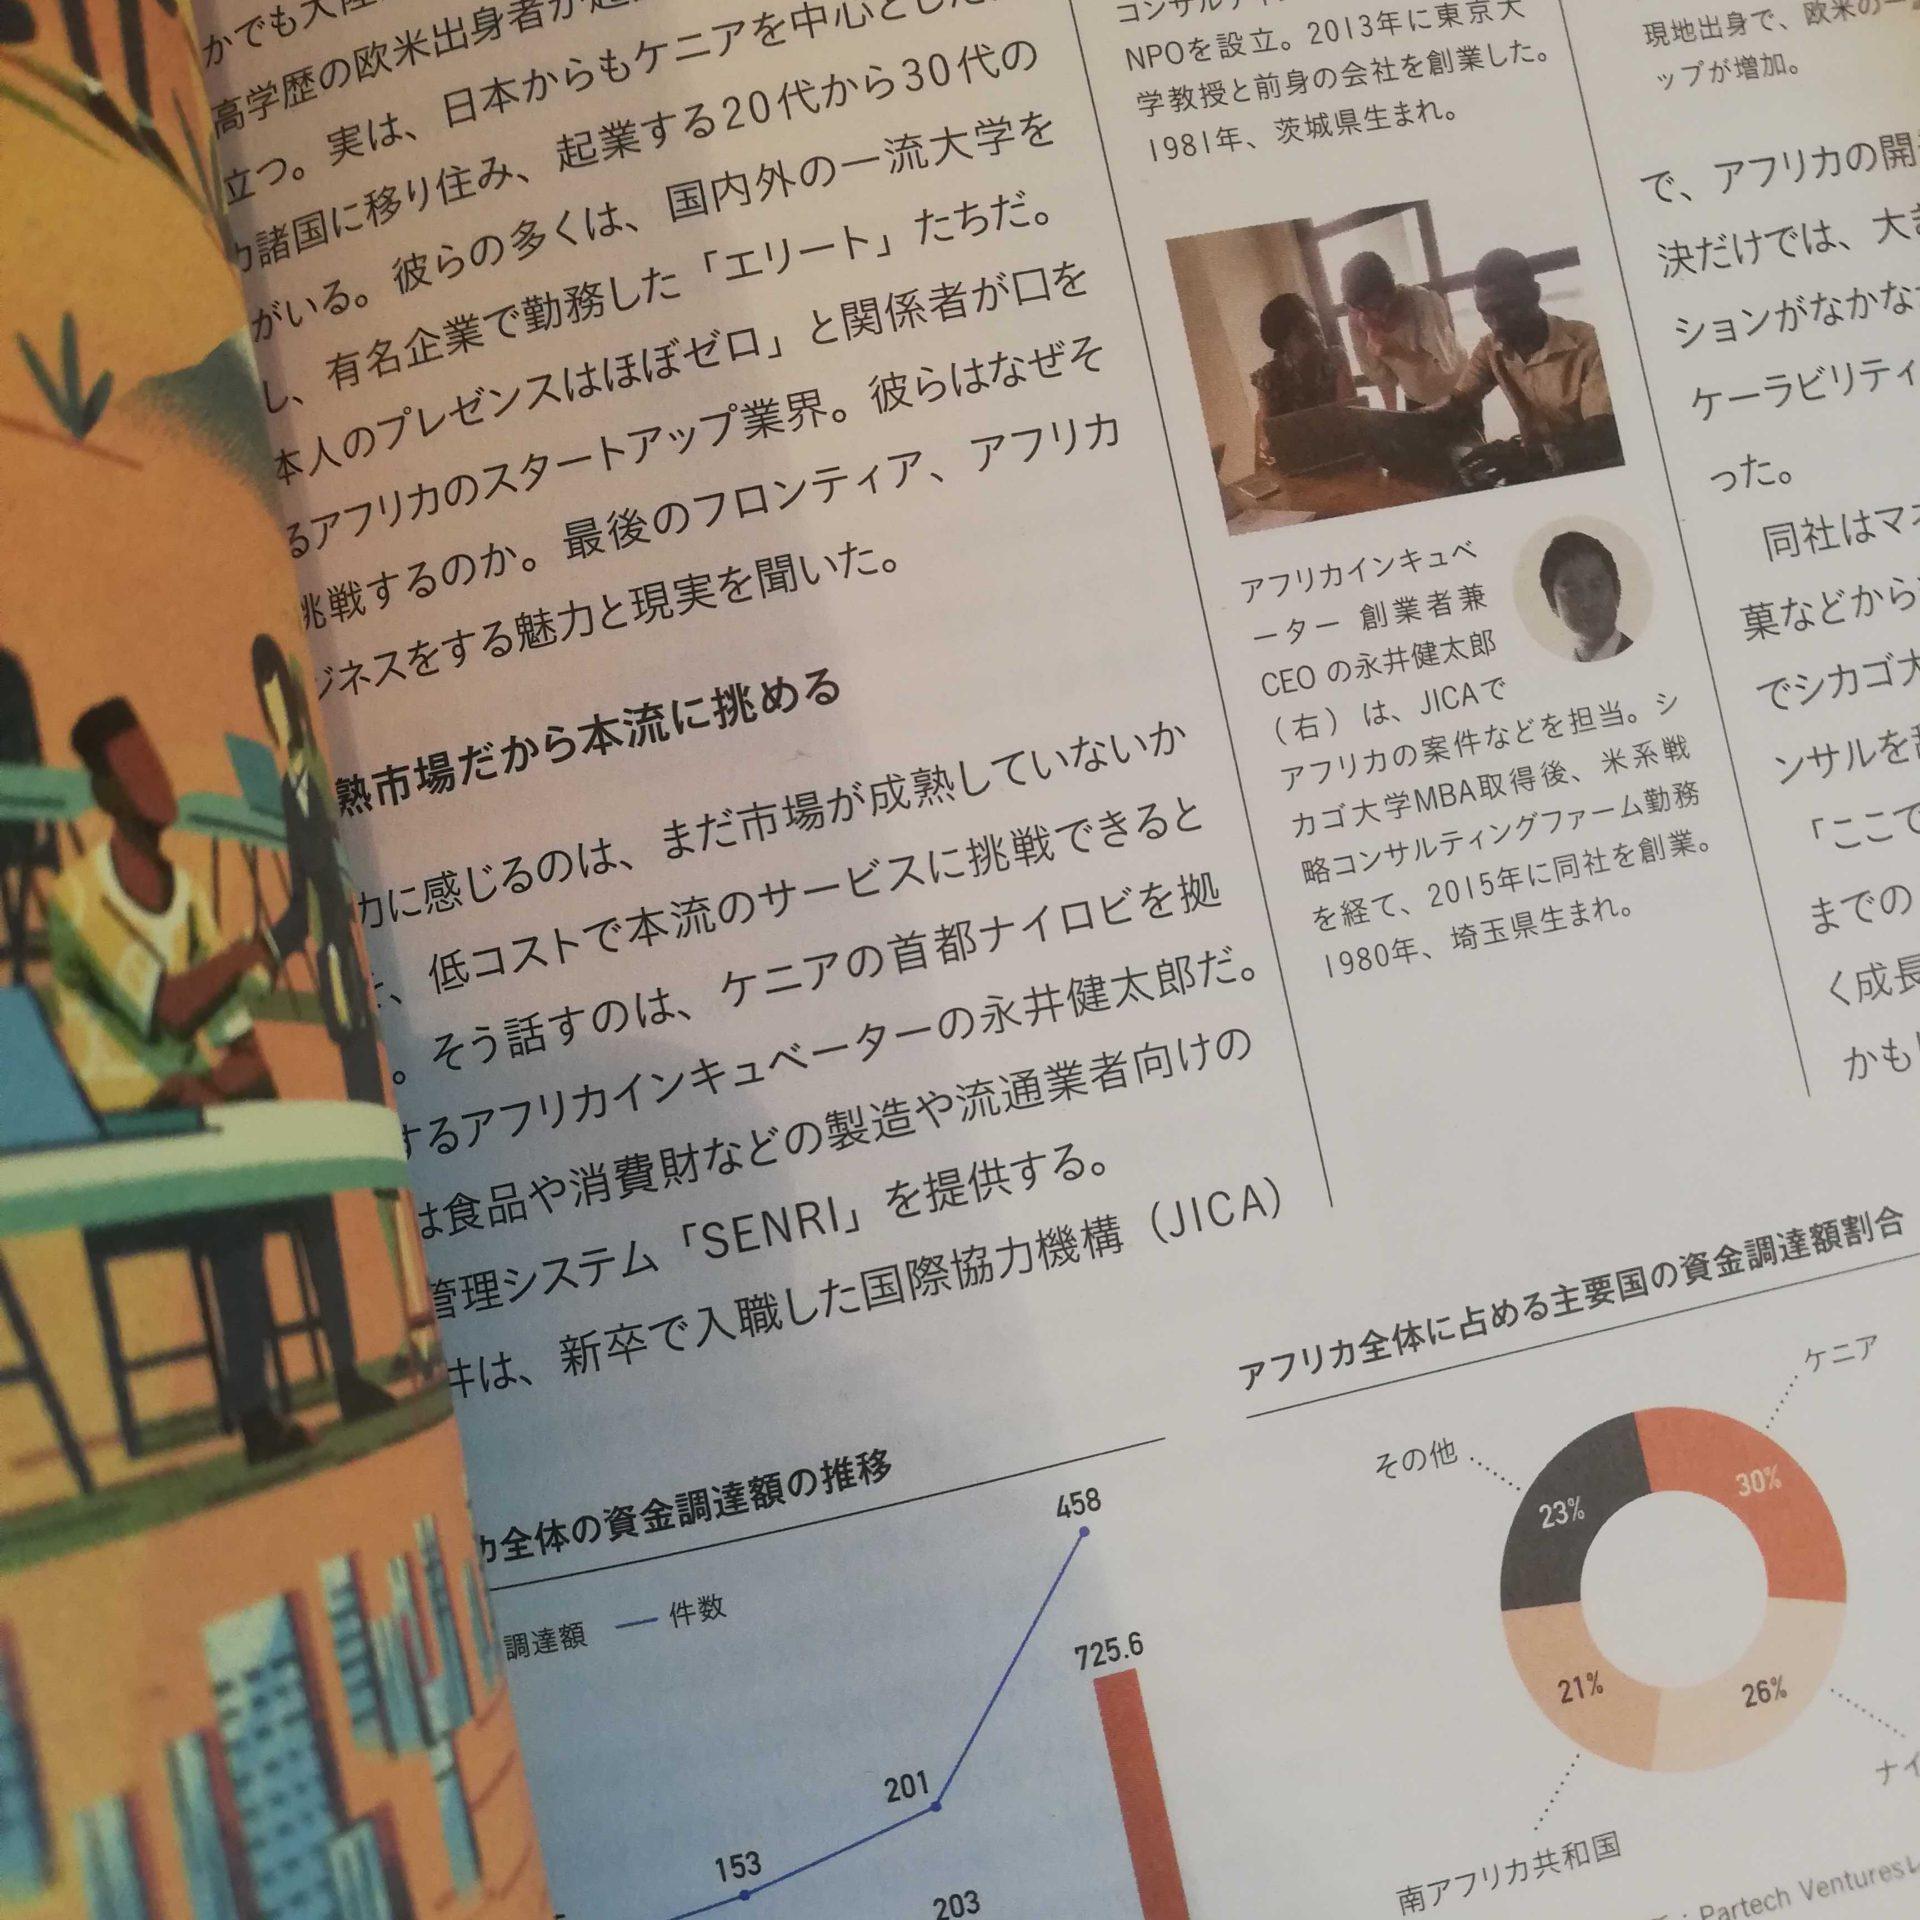 2019年8月:Forbes Japan 10月号に掲載されました